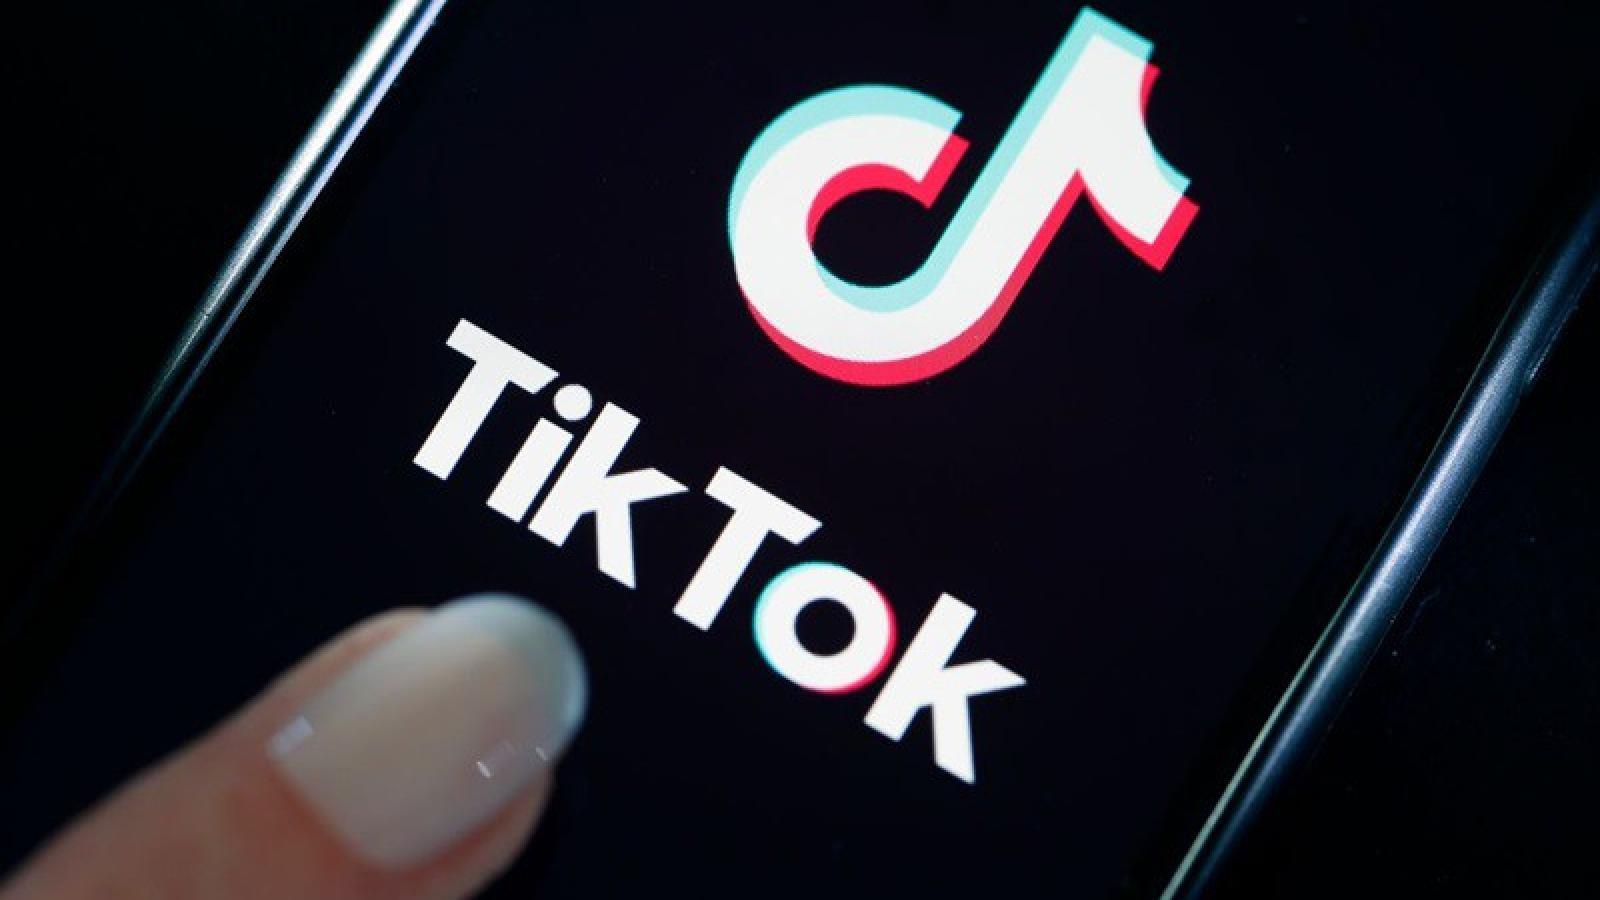 Công ty Trung Quốc sở hữu TikTok xem xét thiết lập trụ sở bên ngoài nước Mỹ